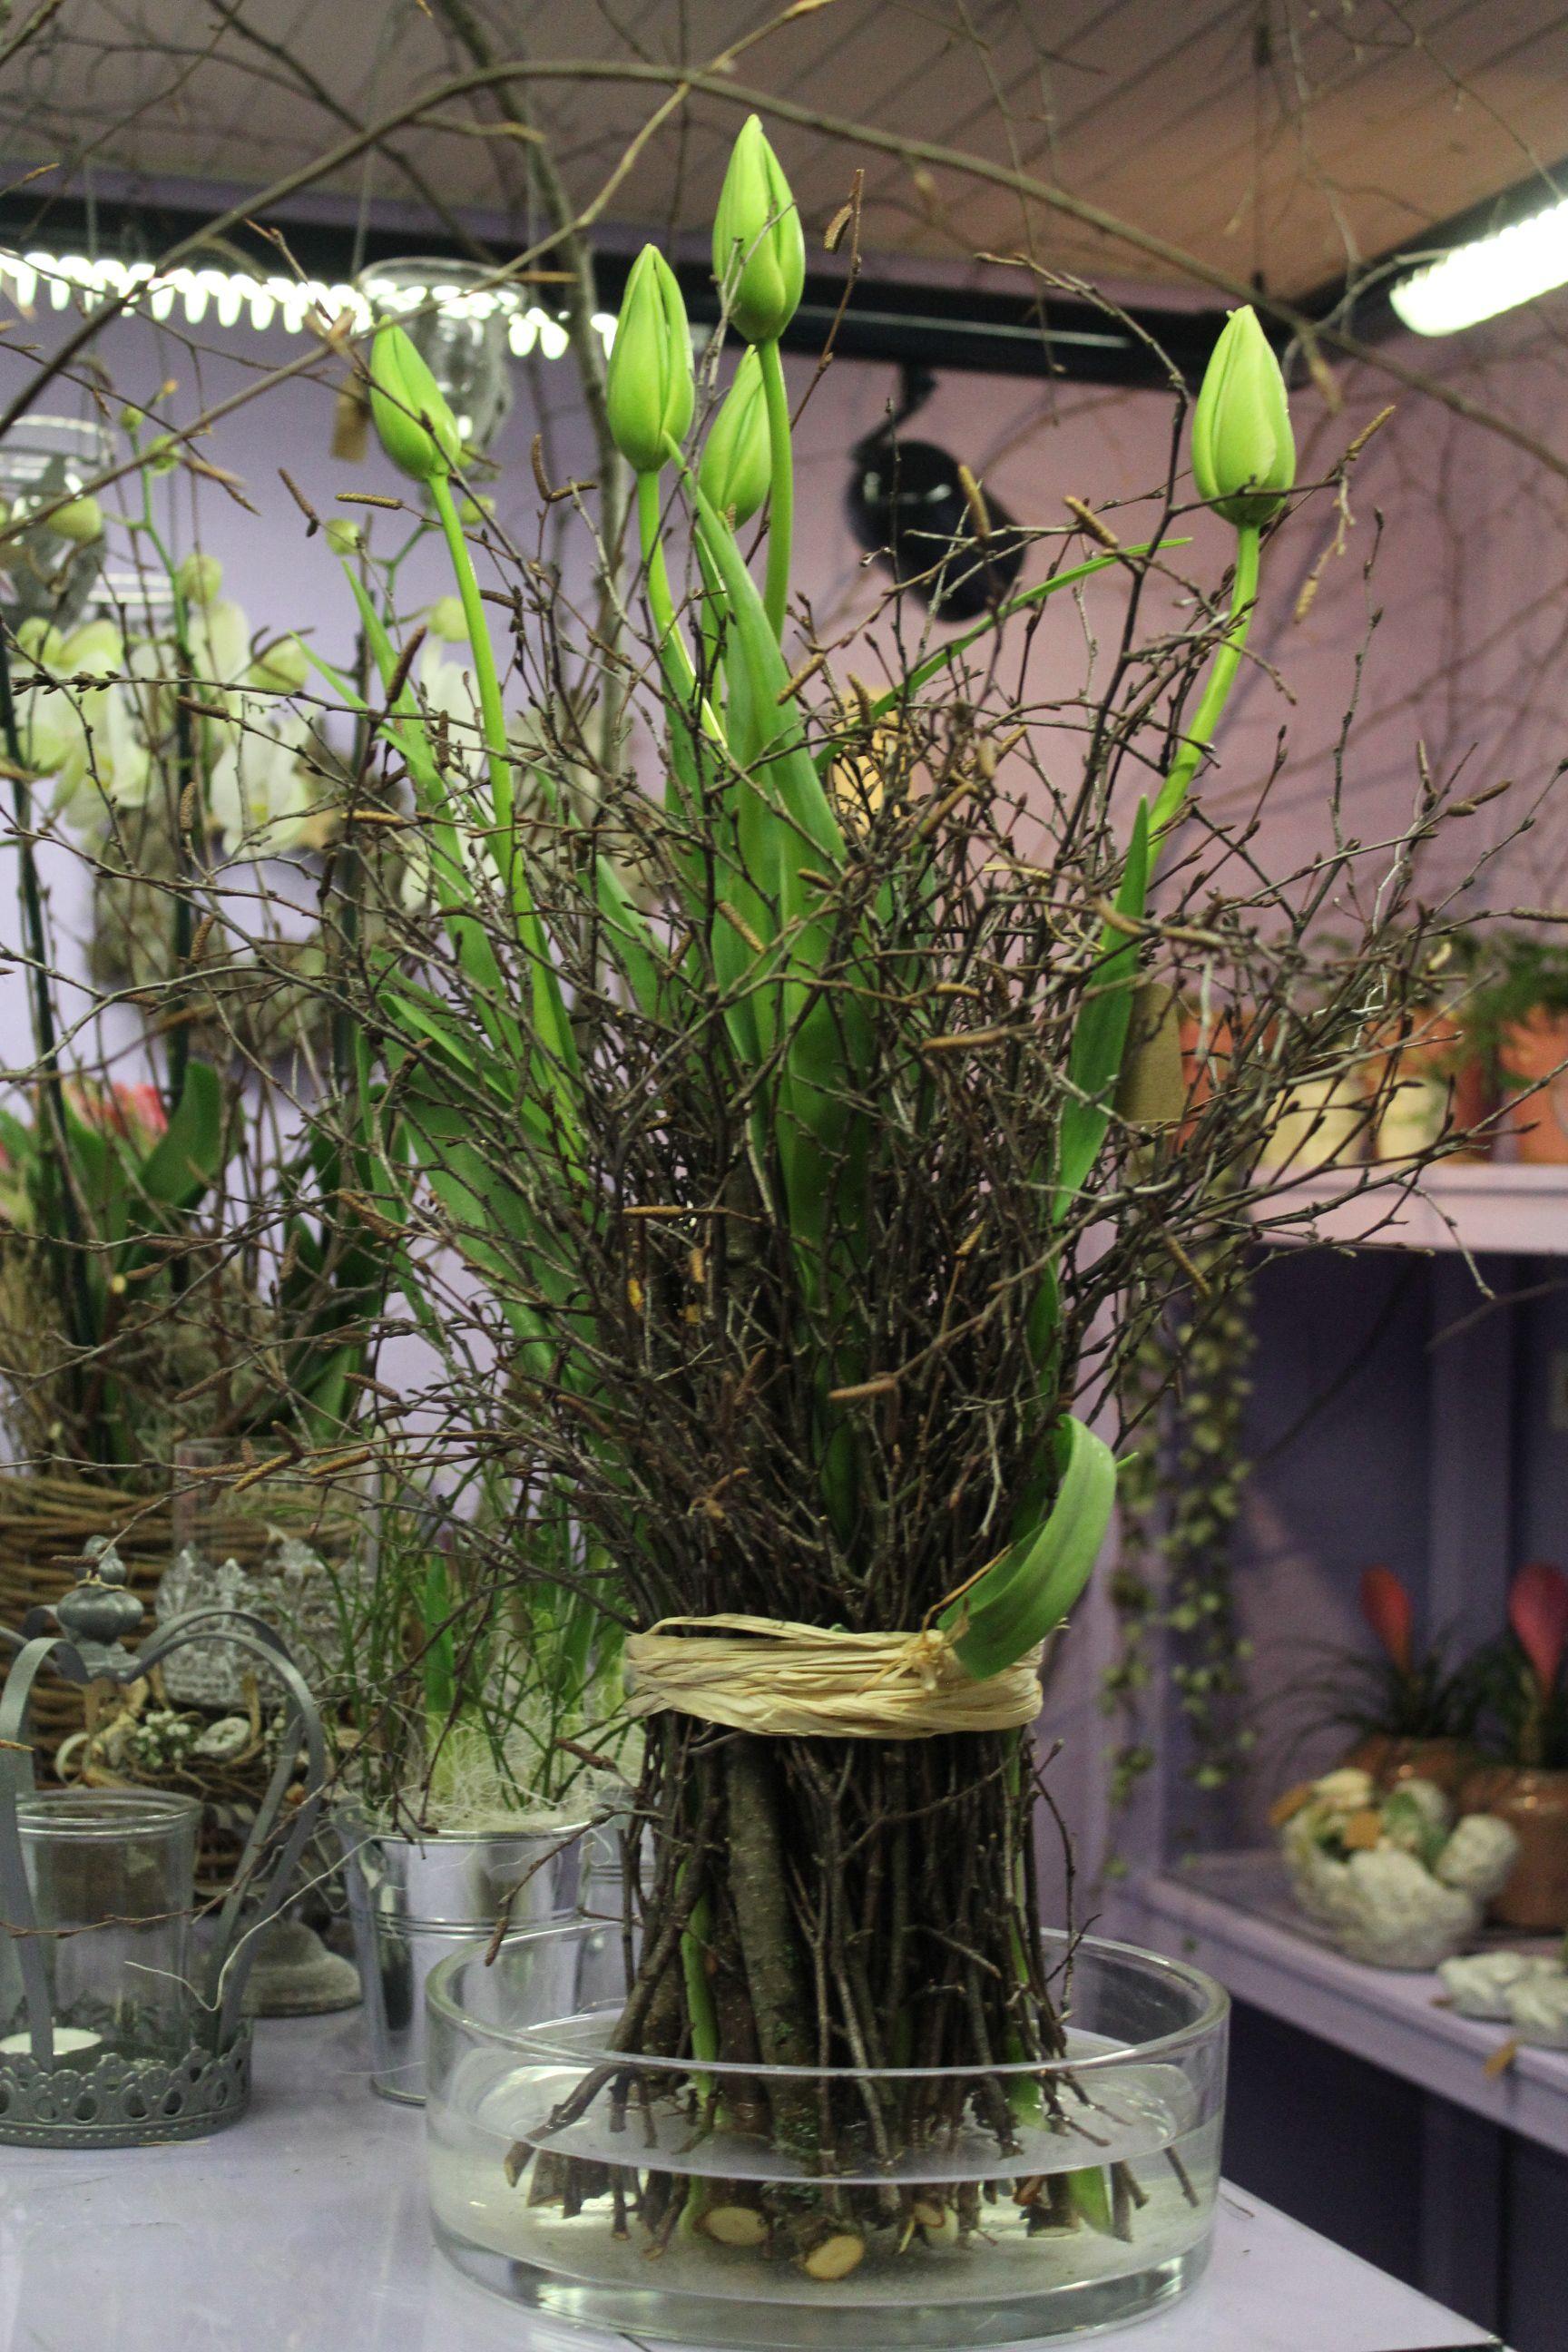 Schlichter Exklusiver Tulpenstehstrauss Mit Weissen Franzosischen Tulpen Ostern Blumenarrangements Ostern Blumen Tulpen Blumen